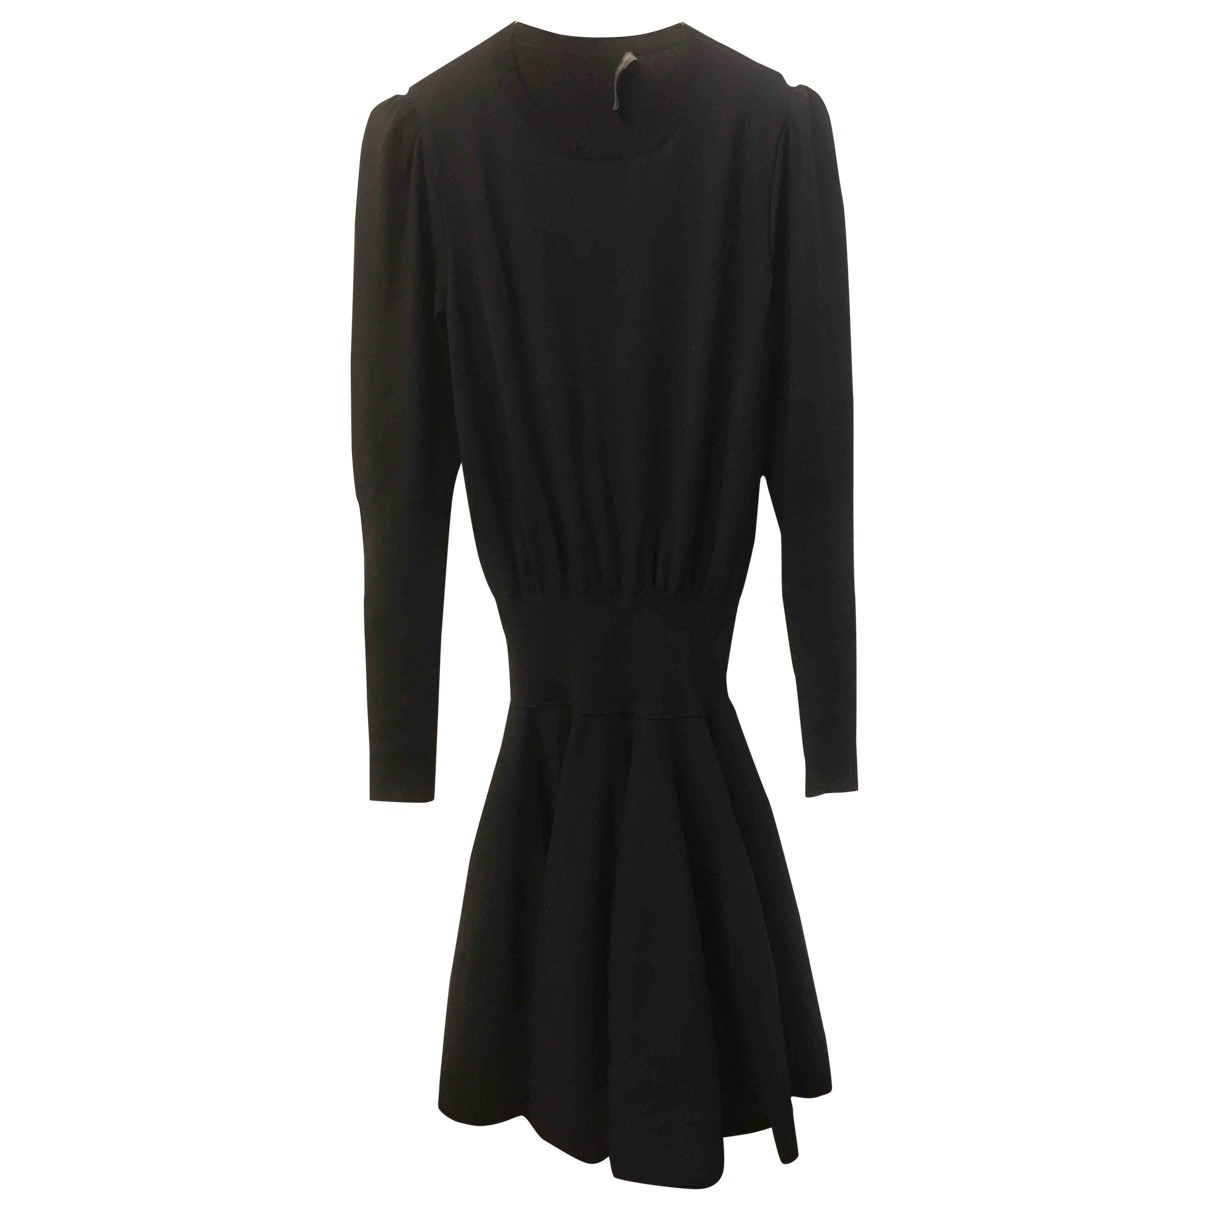 Alexander Mcqueen \N Kleid in  Blau Wolle